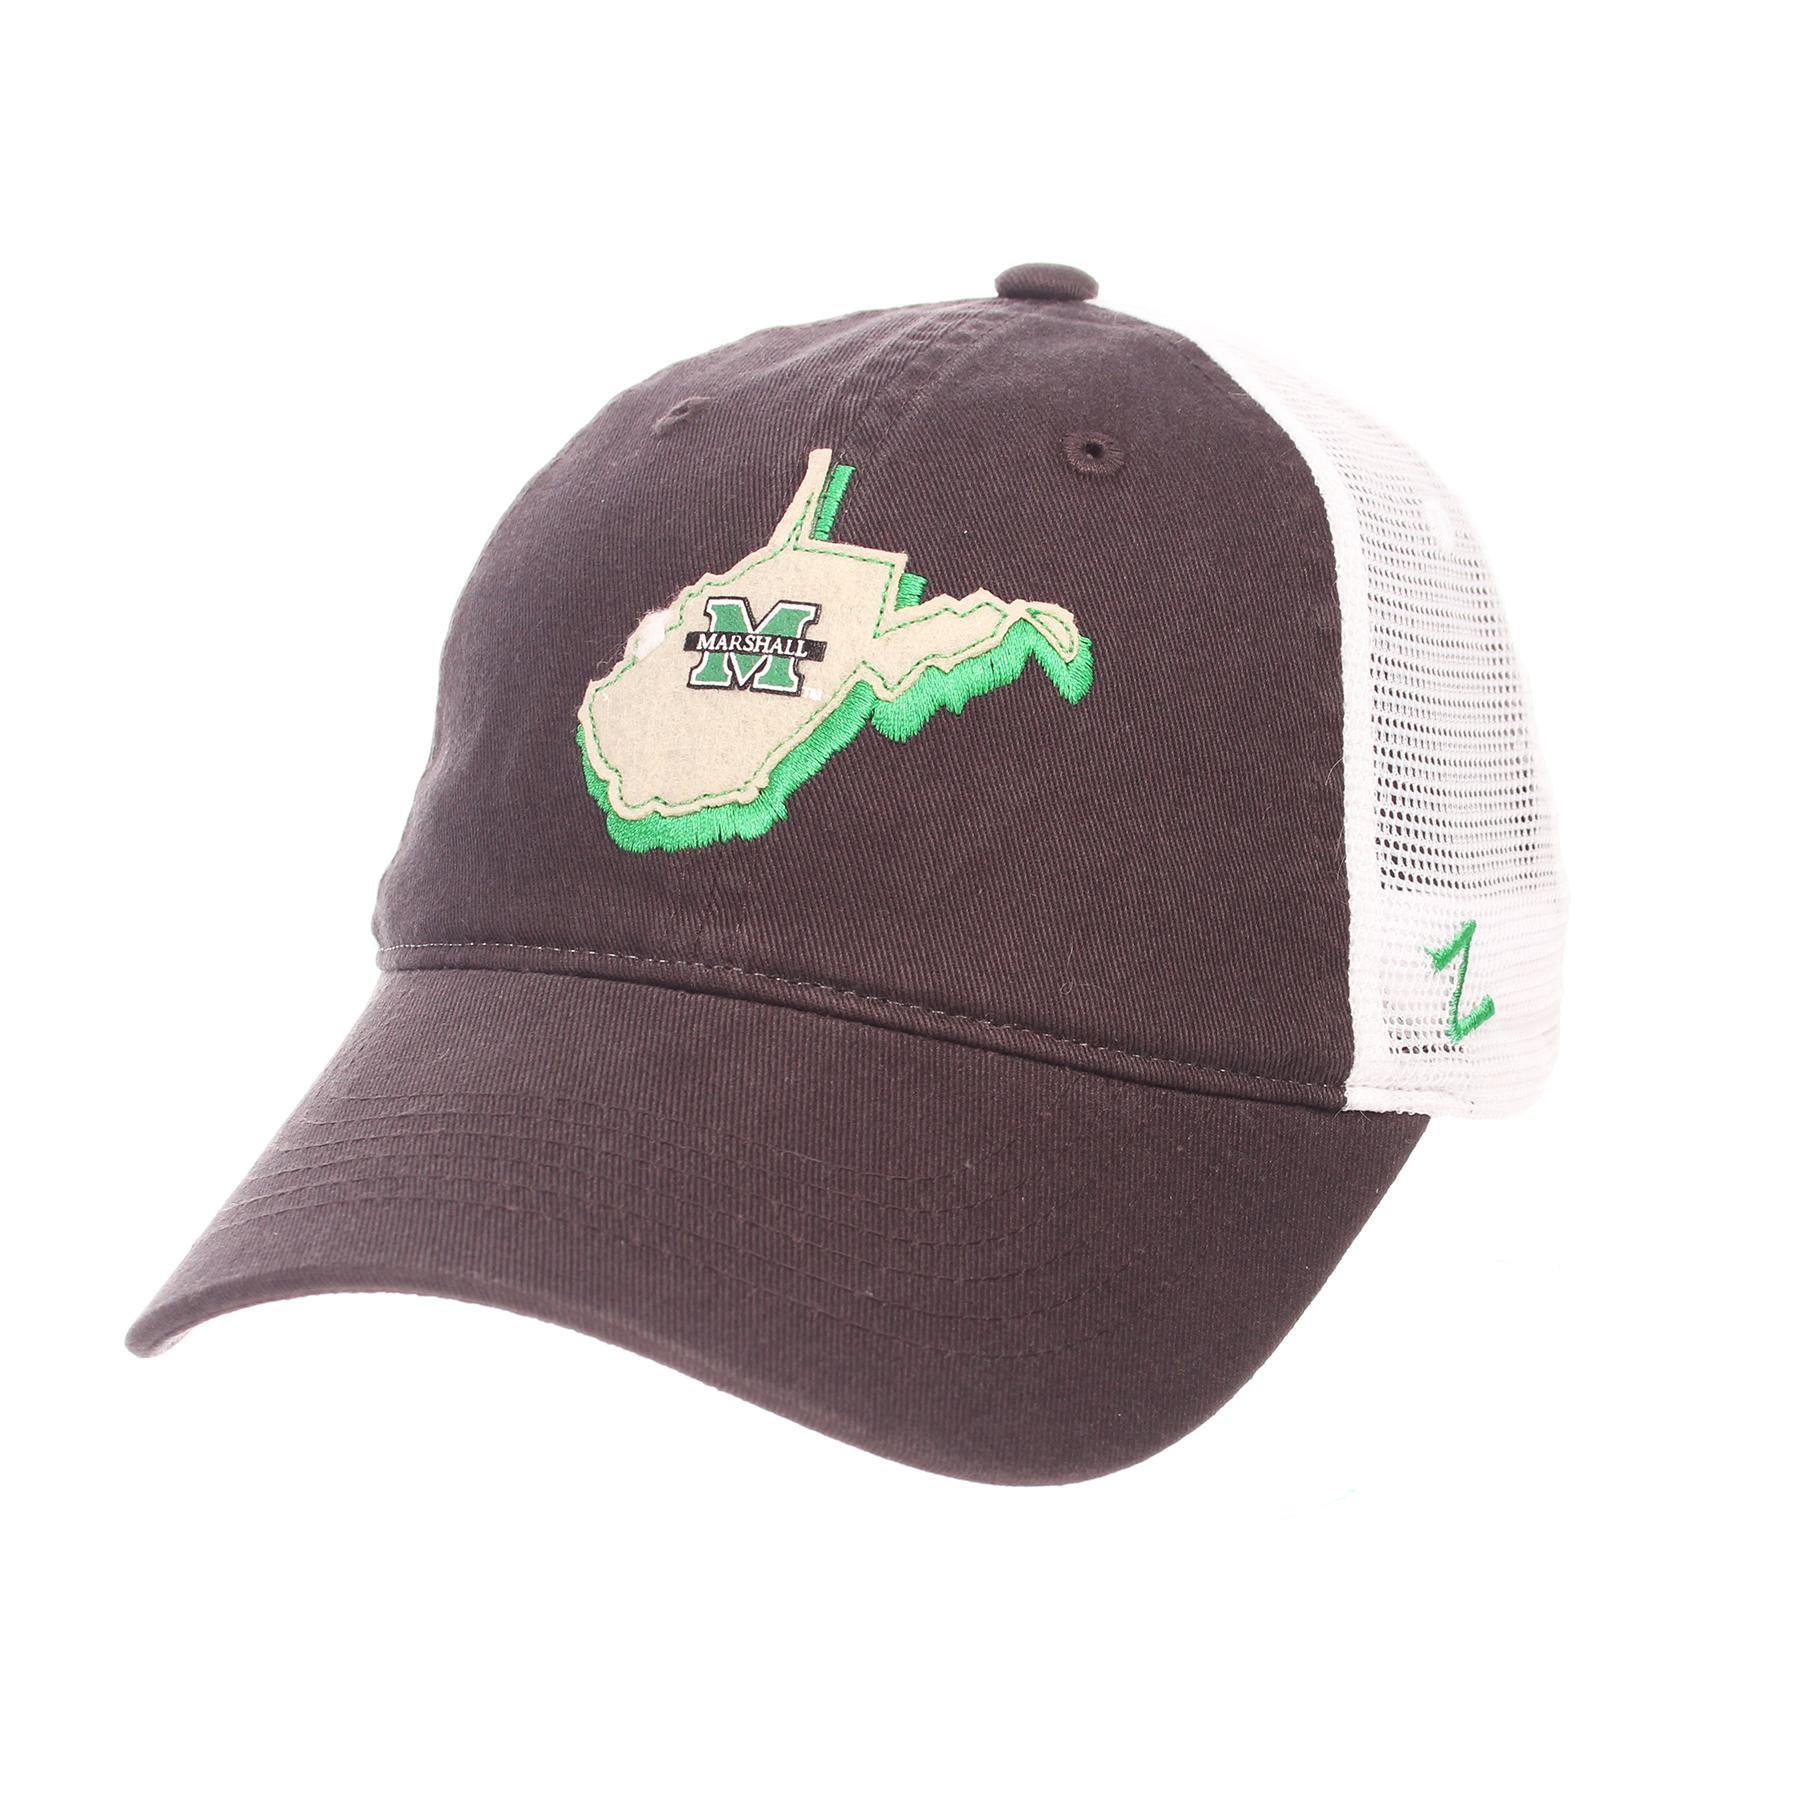 28240CH <Br>MU STATE TRUCKER CAP <bR>$19.99